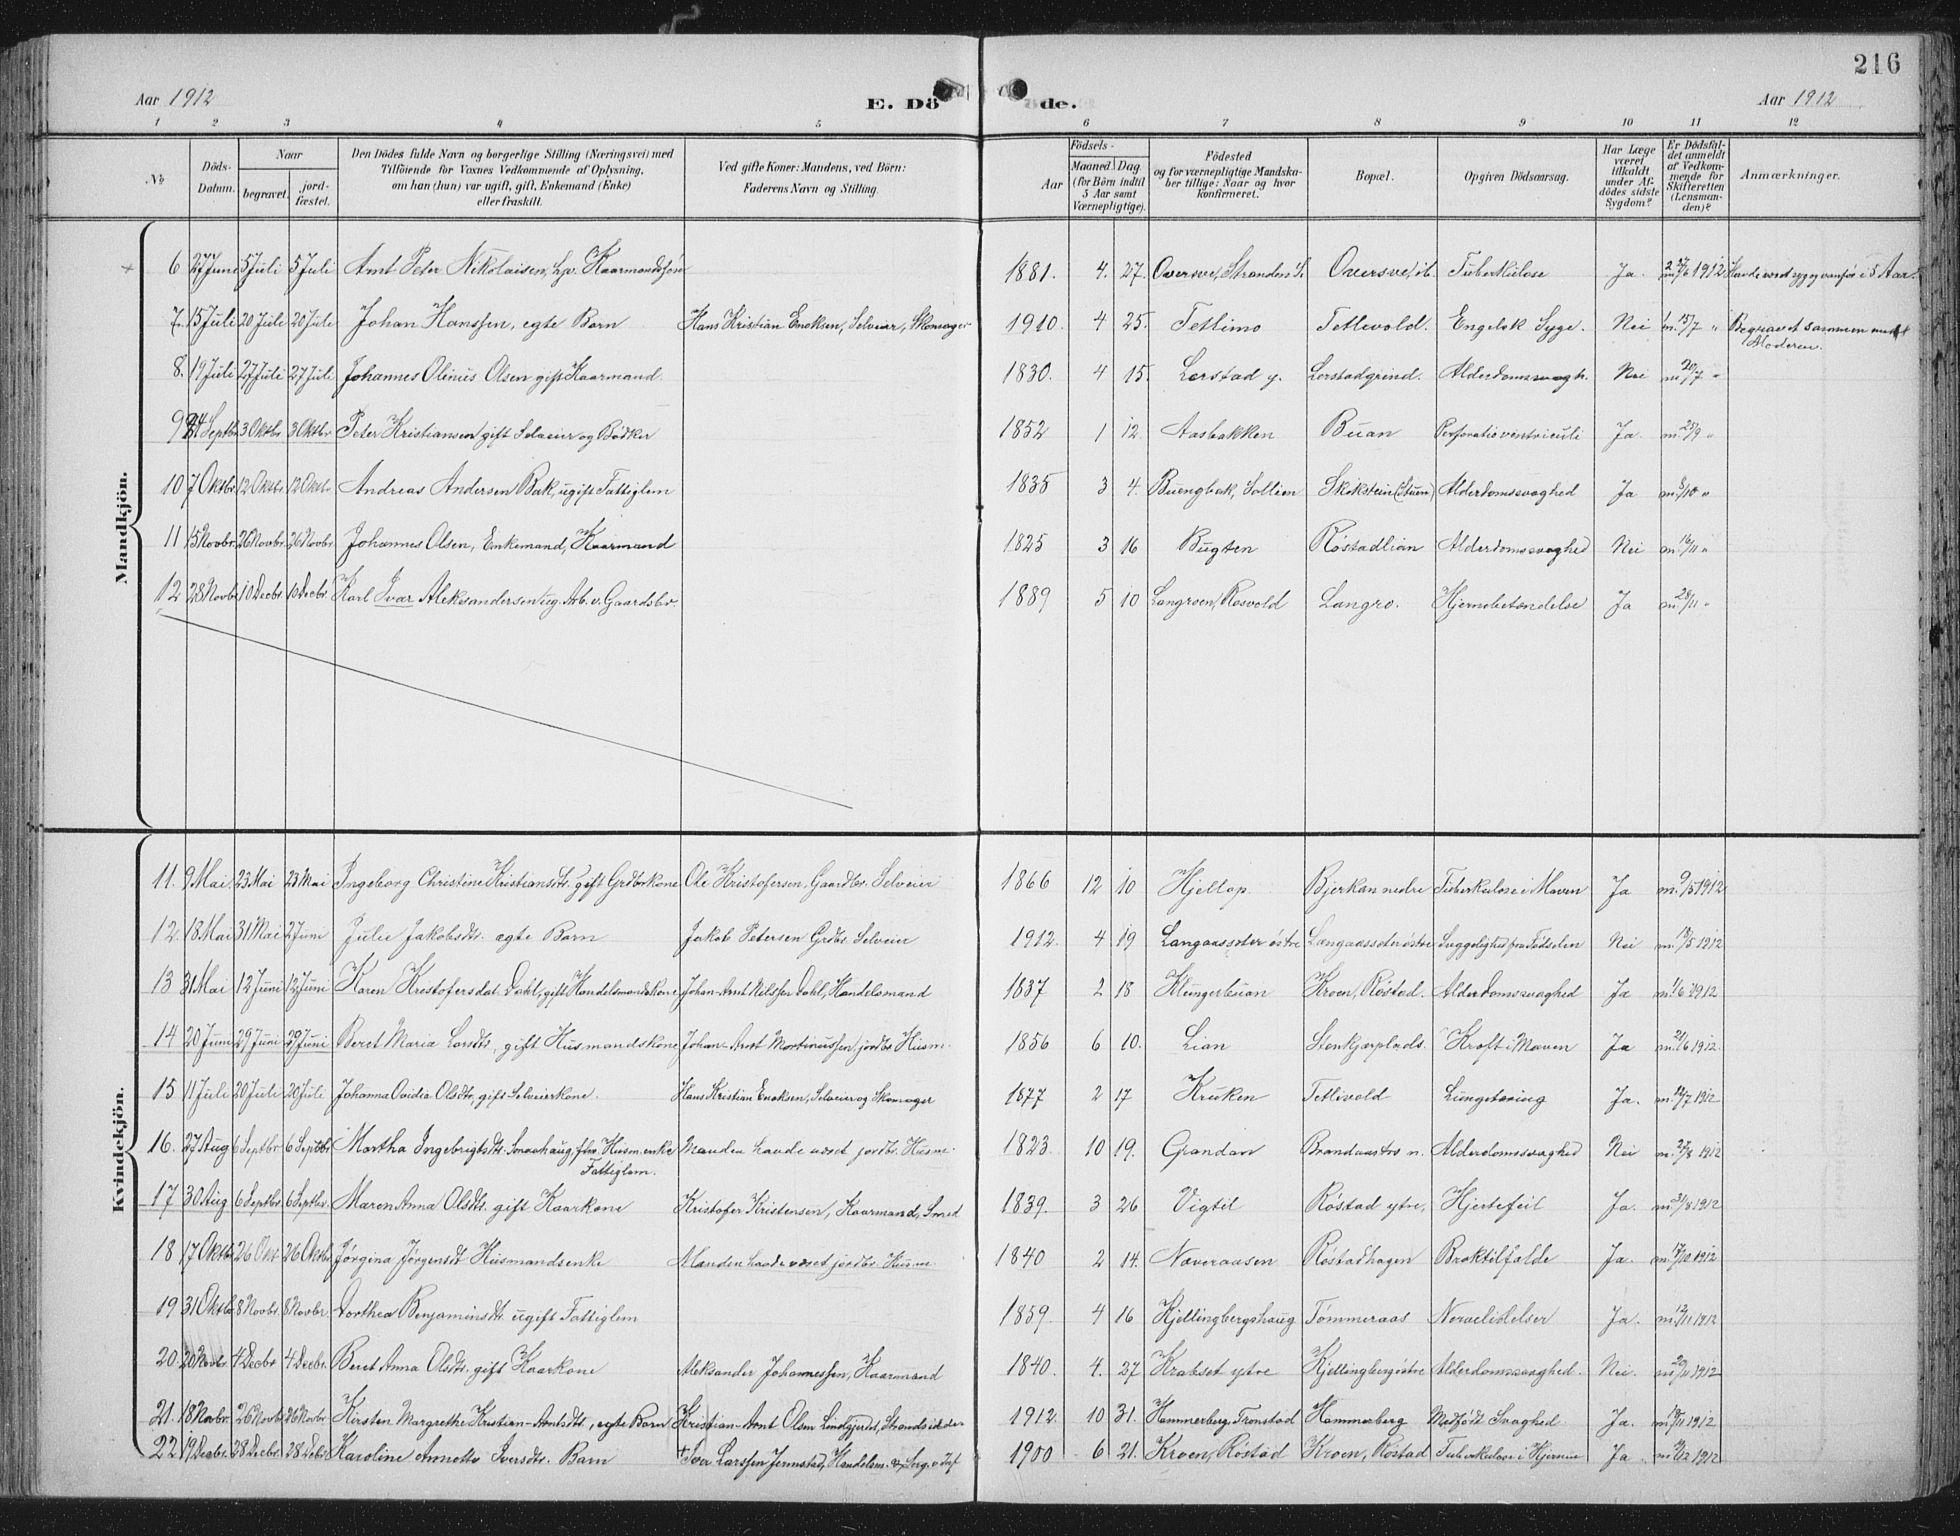 SAT, Ministerialprotokoller, klokkerbøker og fødselsregistre - Nord-Trøndelag, 701/L0011: Ministerialbok nr. 701A11, 1899-1915, s. 216